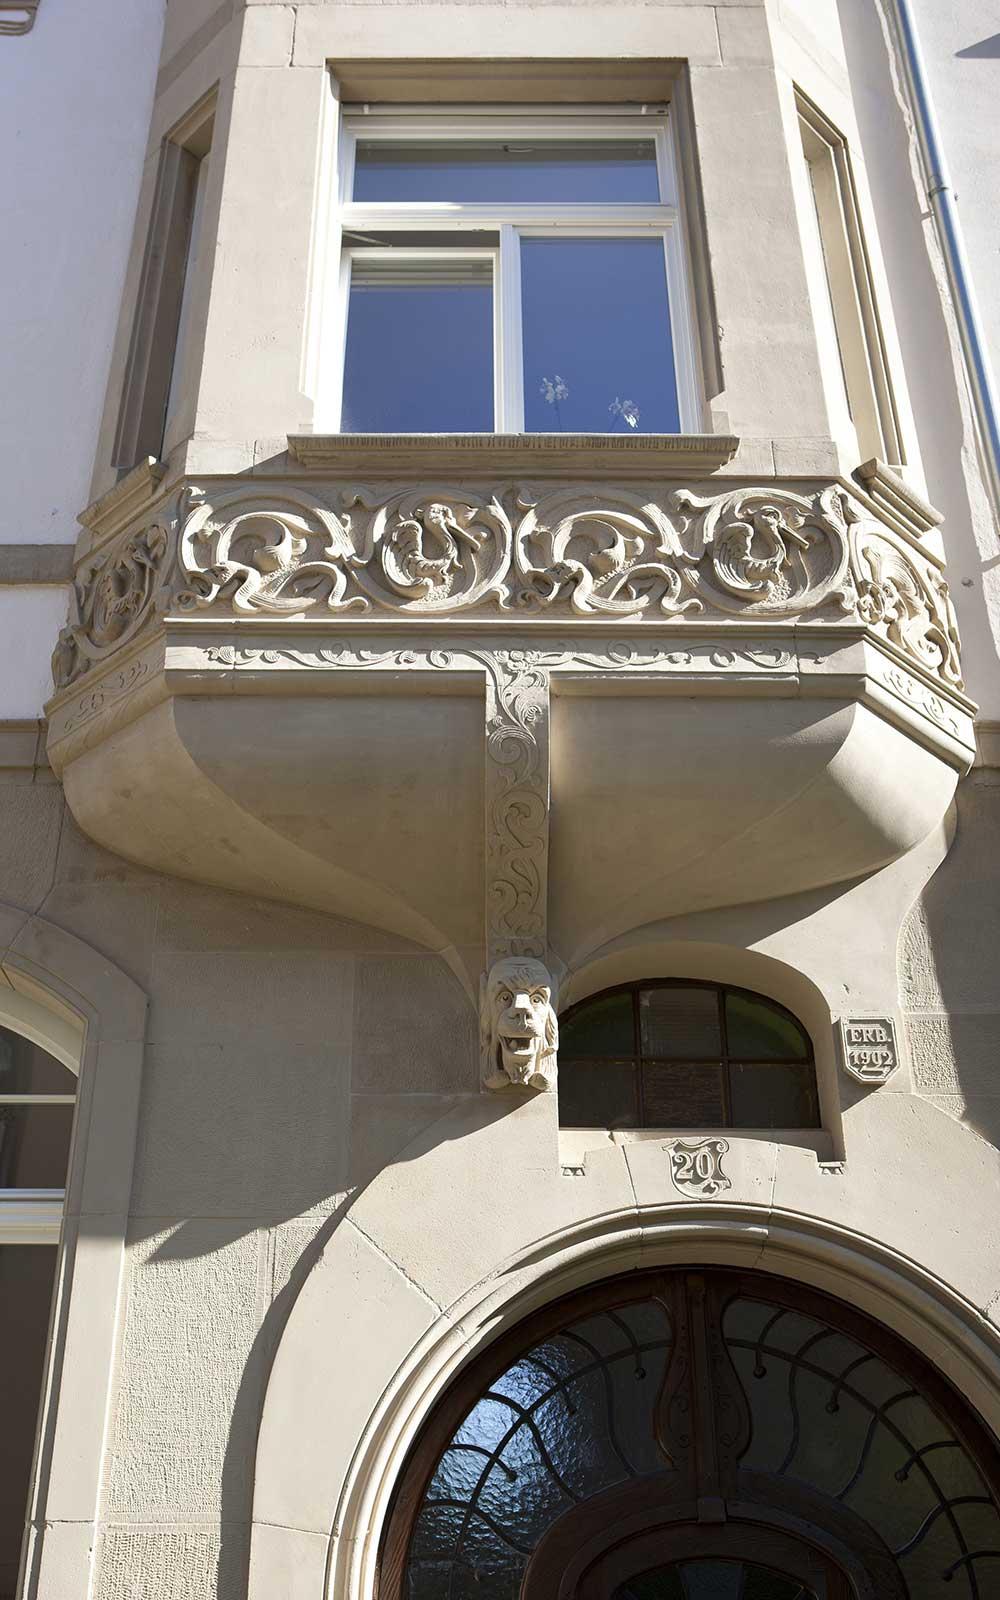 Jugendstil Heidelberg Neuenheim, Kochhan und Weckbach Architekten Heidelberg